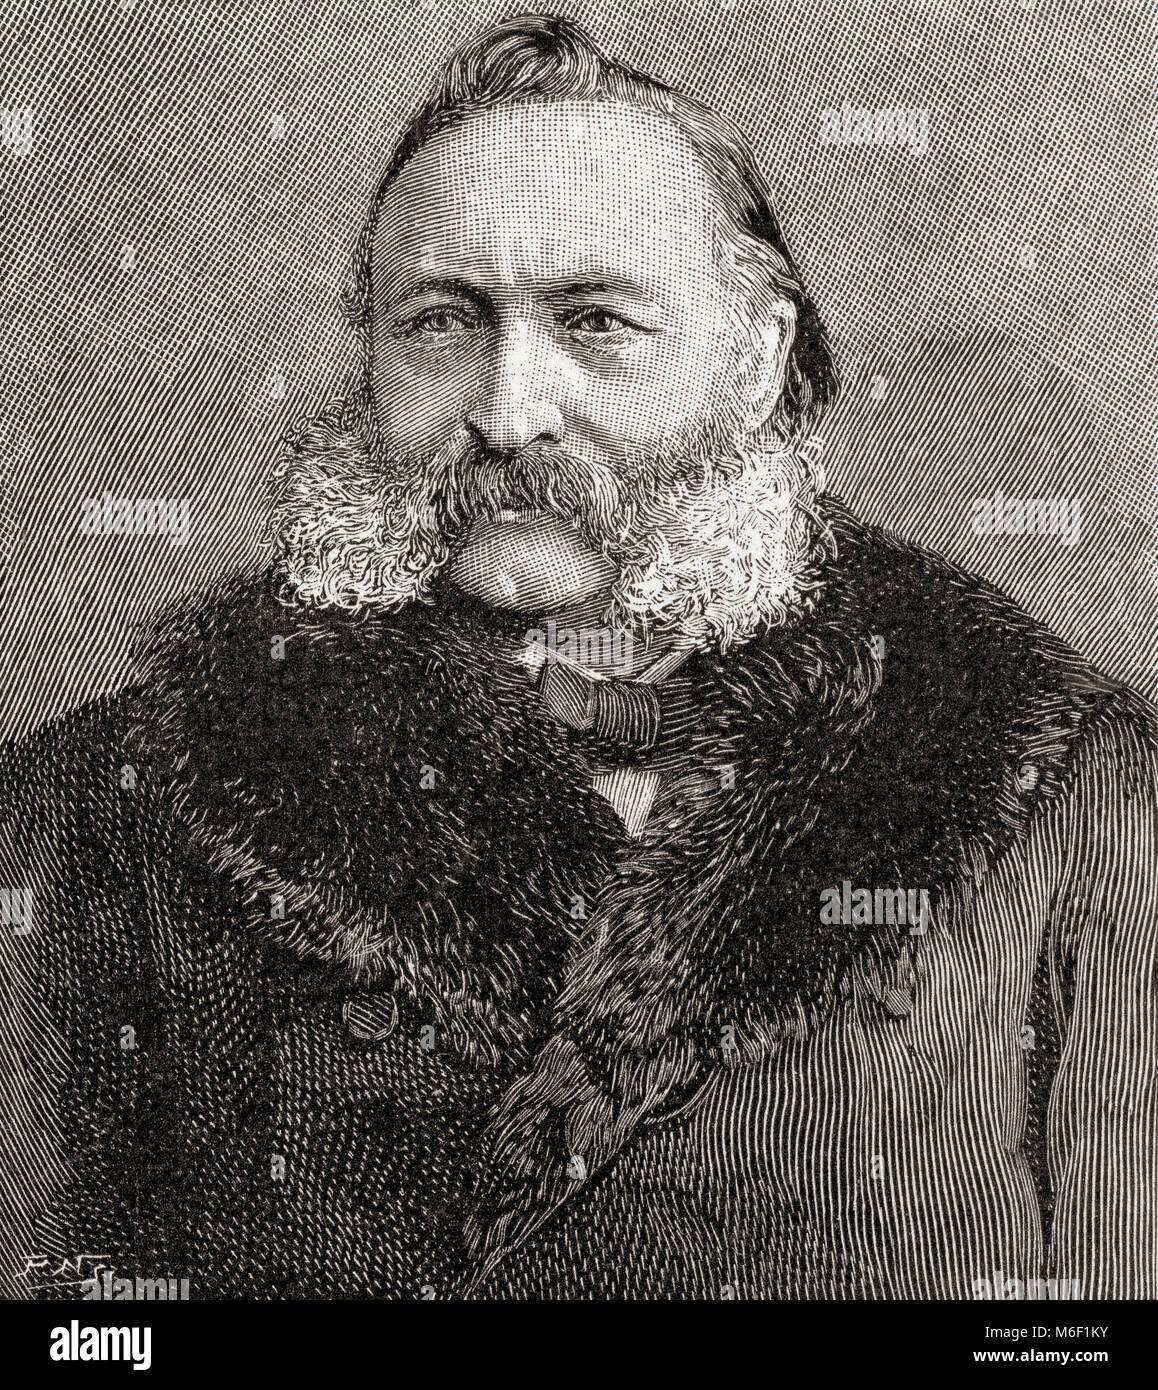 Gottlieb Wilhelm Leitner or Gottlieb William Leitner, 1840 – 1899. British orientalist.  From The Strand Magazine, - Stock Image